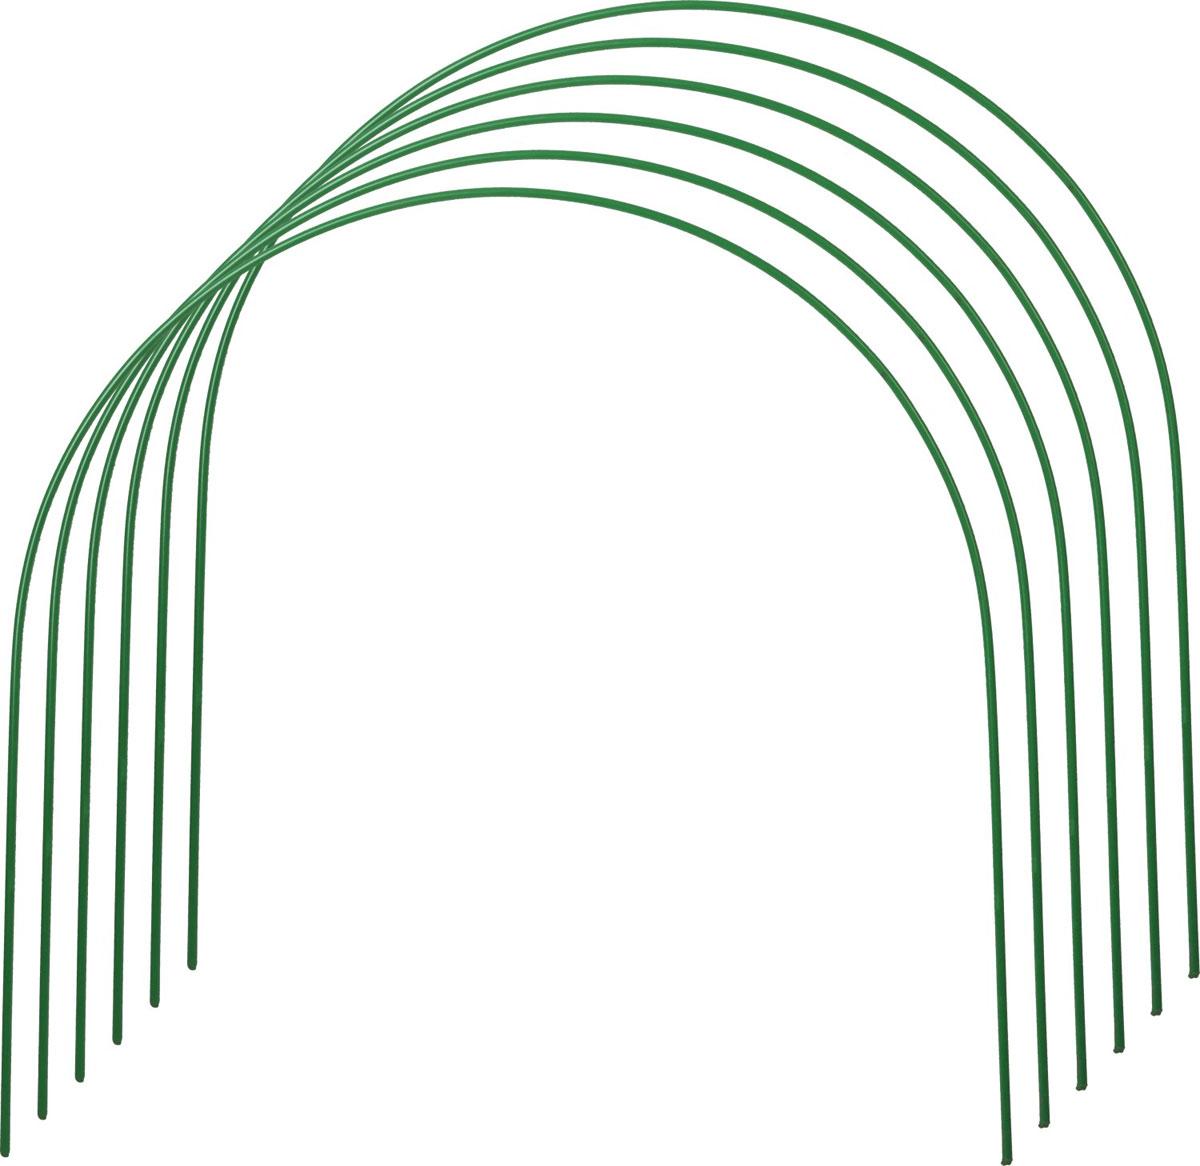 Дуги для парника Grinda, 2 м, 6 шт зажим для крепления пленки к каркасу парника garden show диаметр 20 мм 10 шт